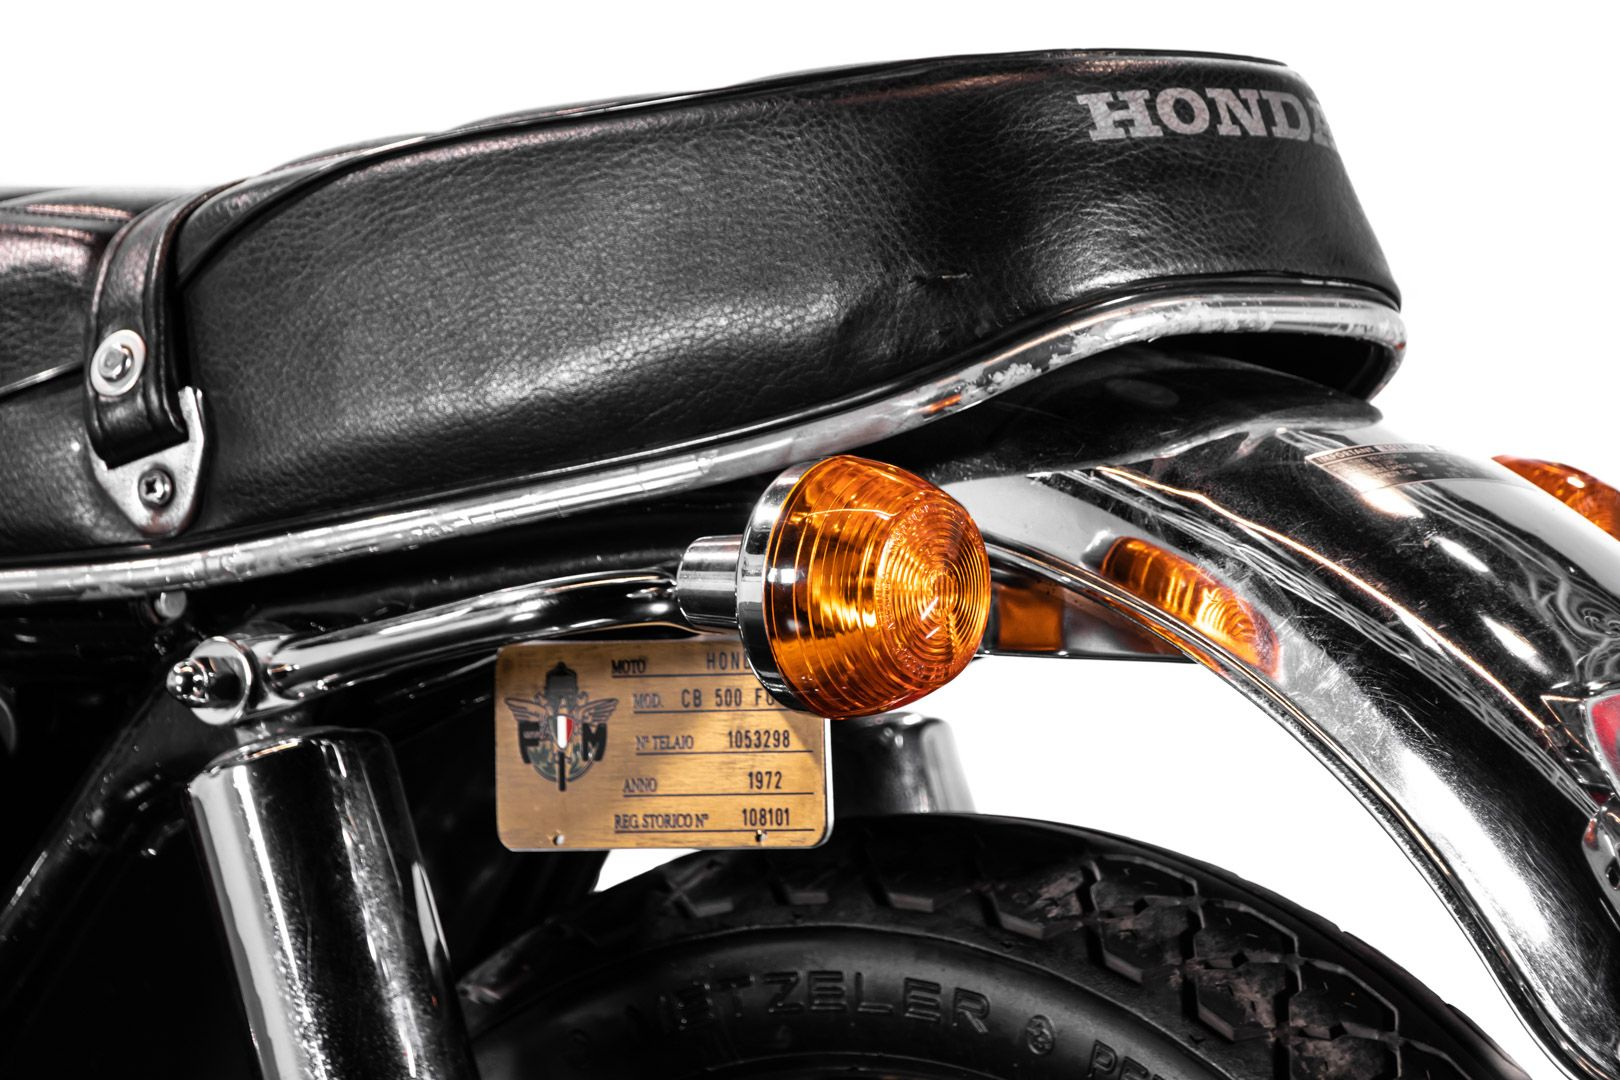 1972 Honda CB 500 Four 84080